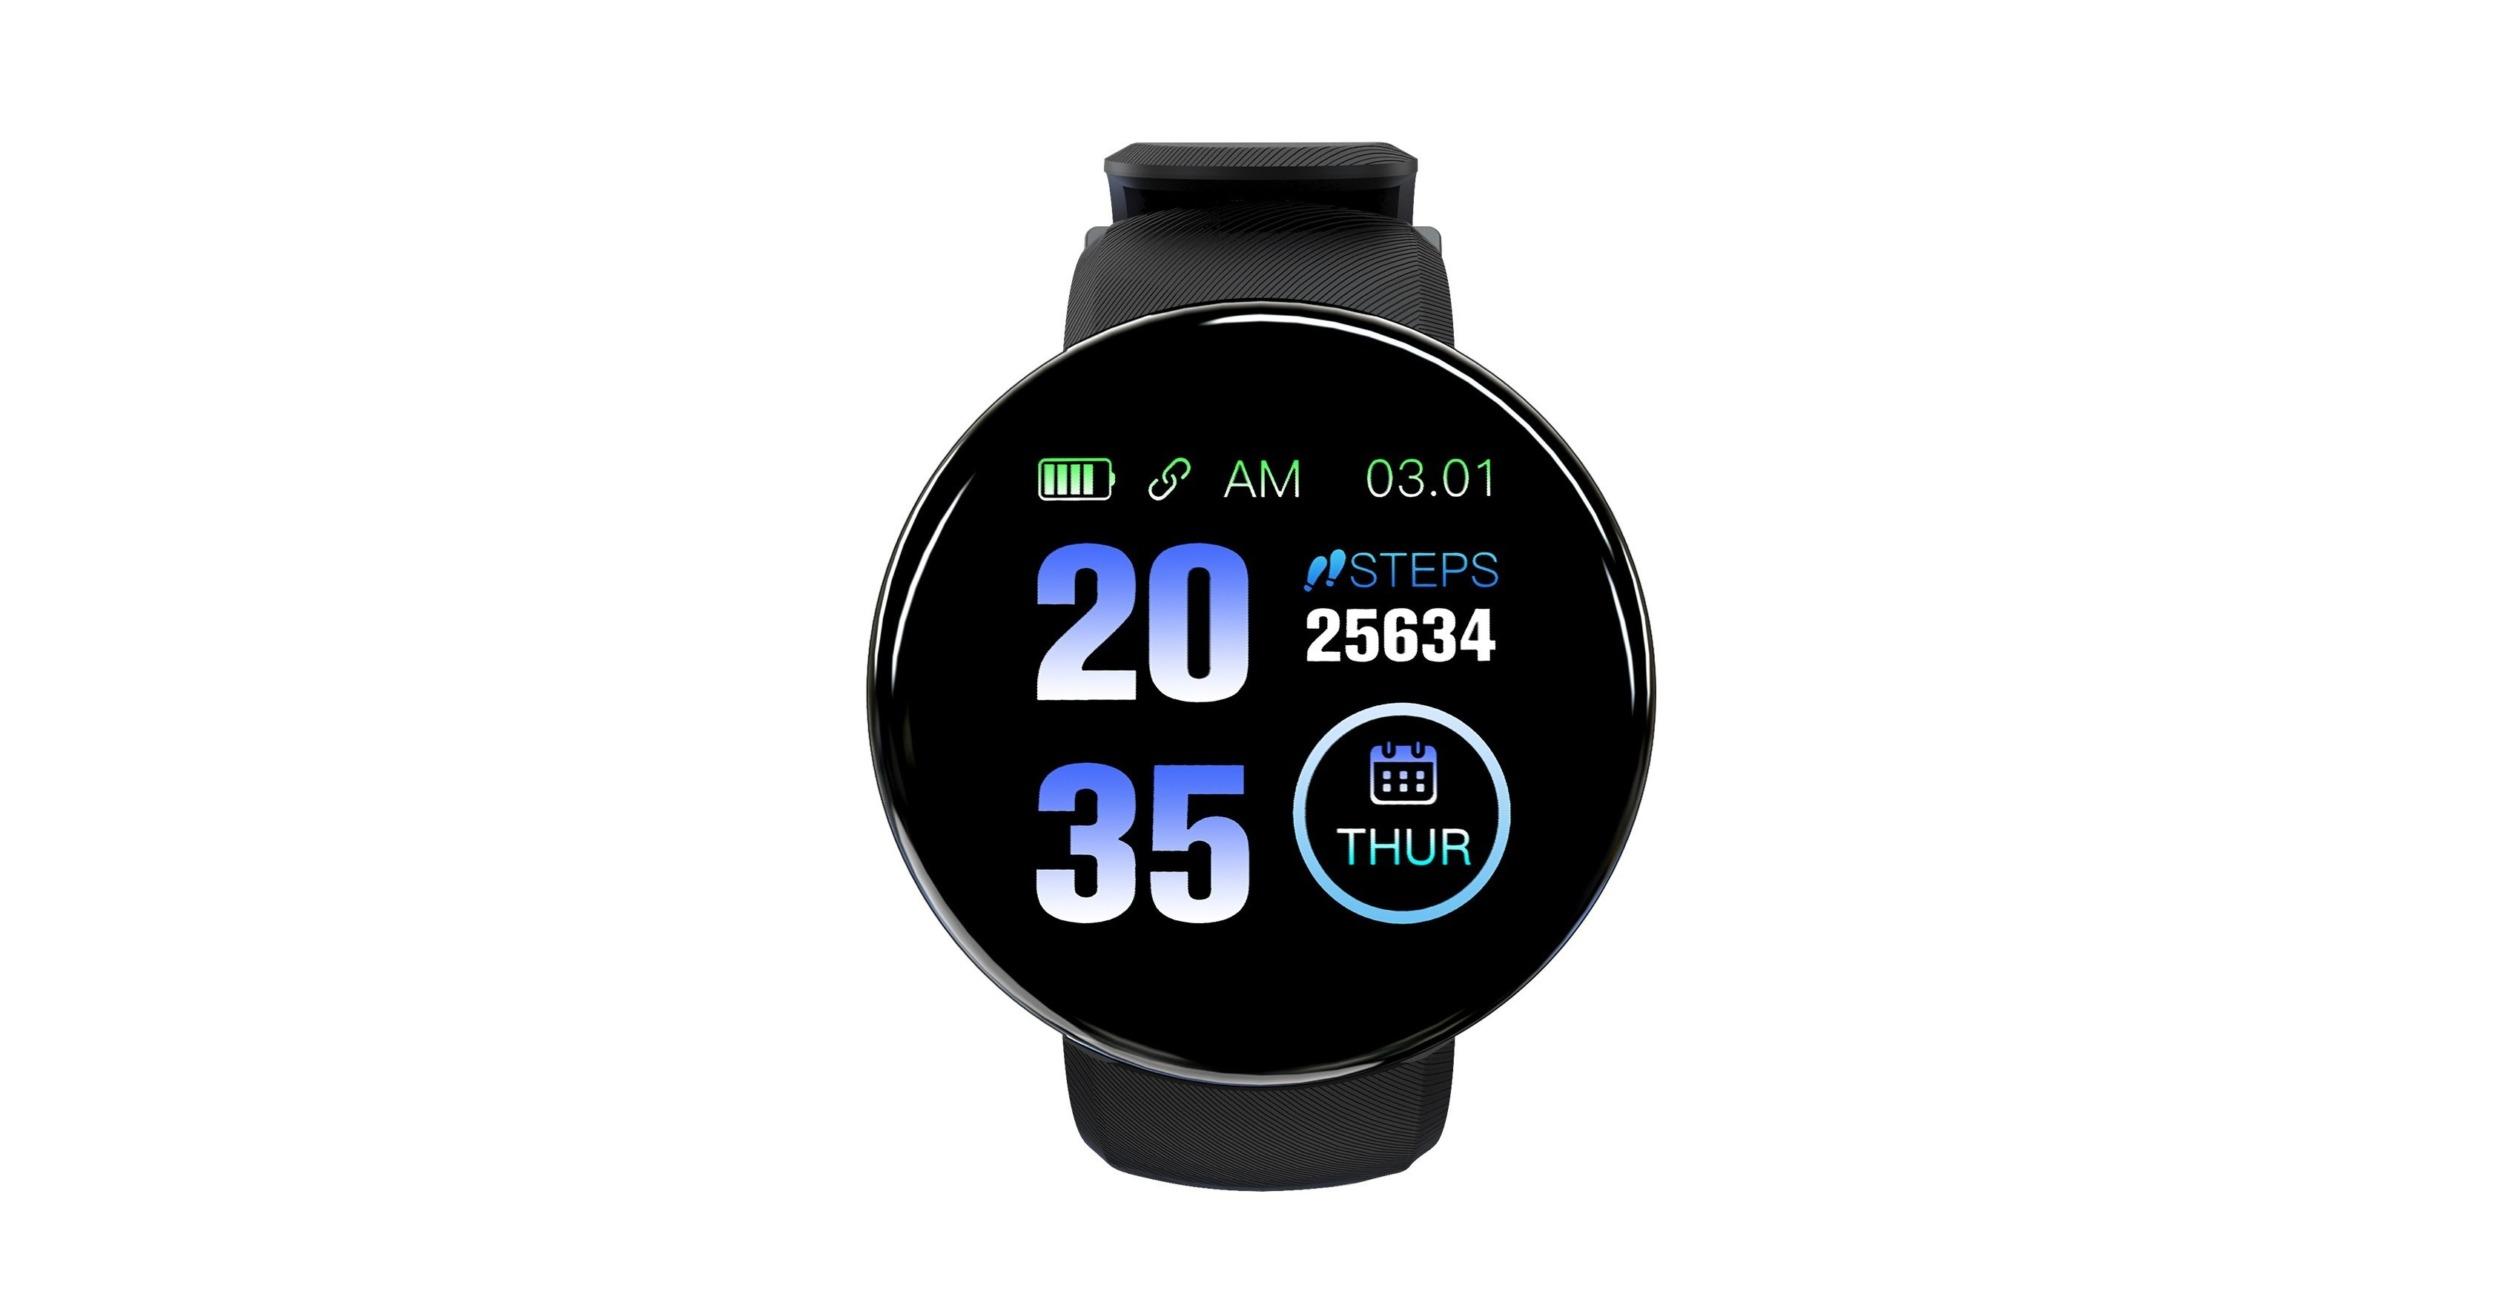 Kulaté chytré hodinky jen za 207 Kč? Právě takové můžete teď koupit [sponzorovaný článek]